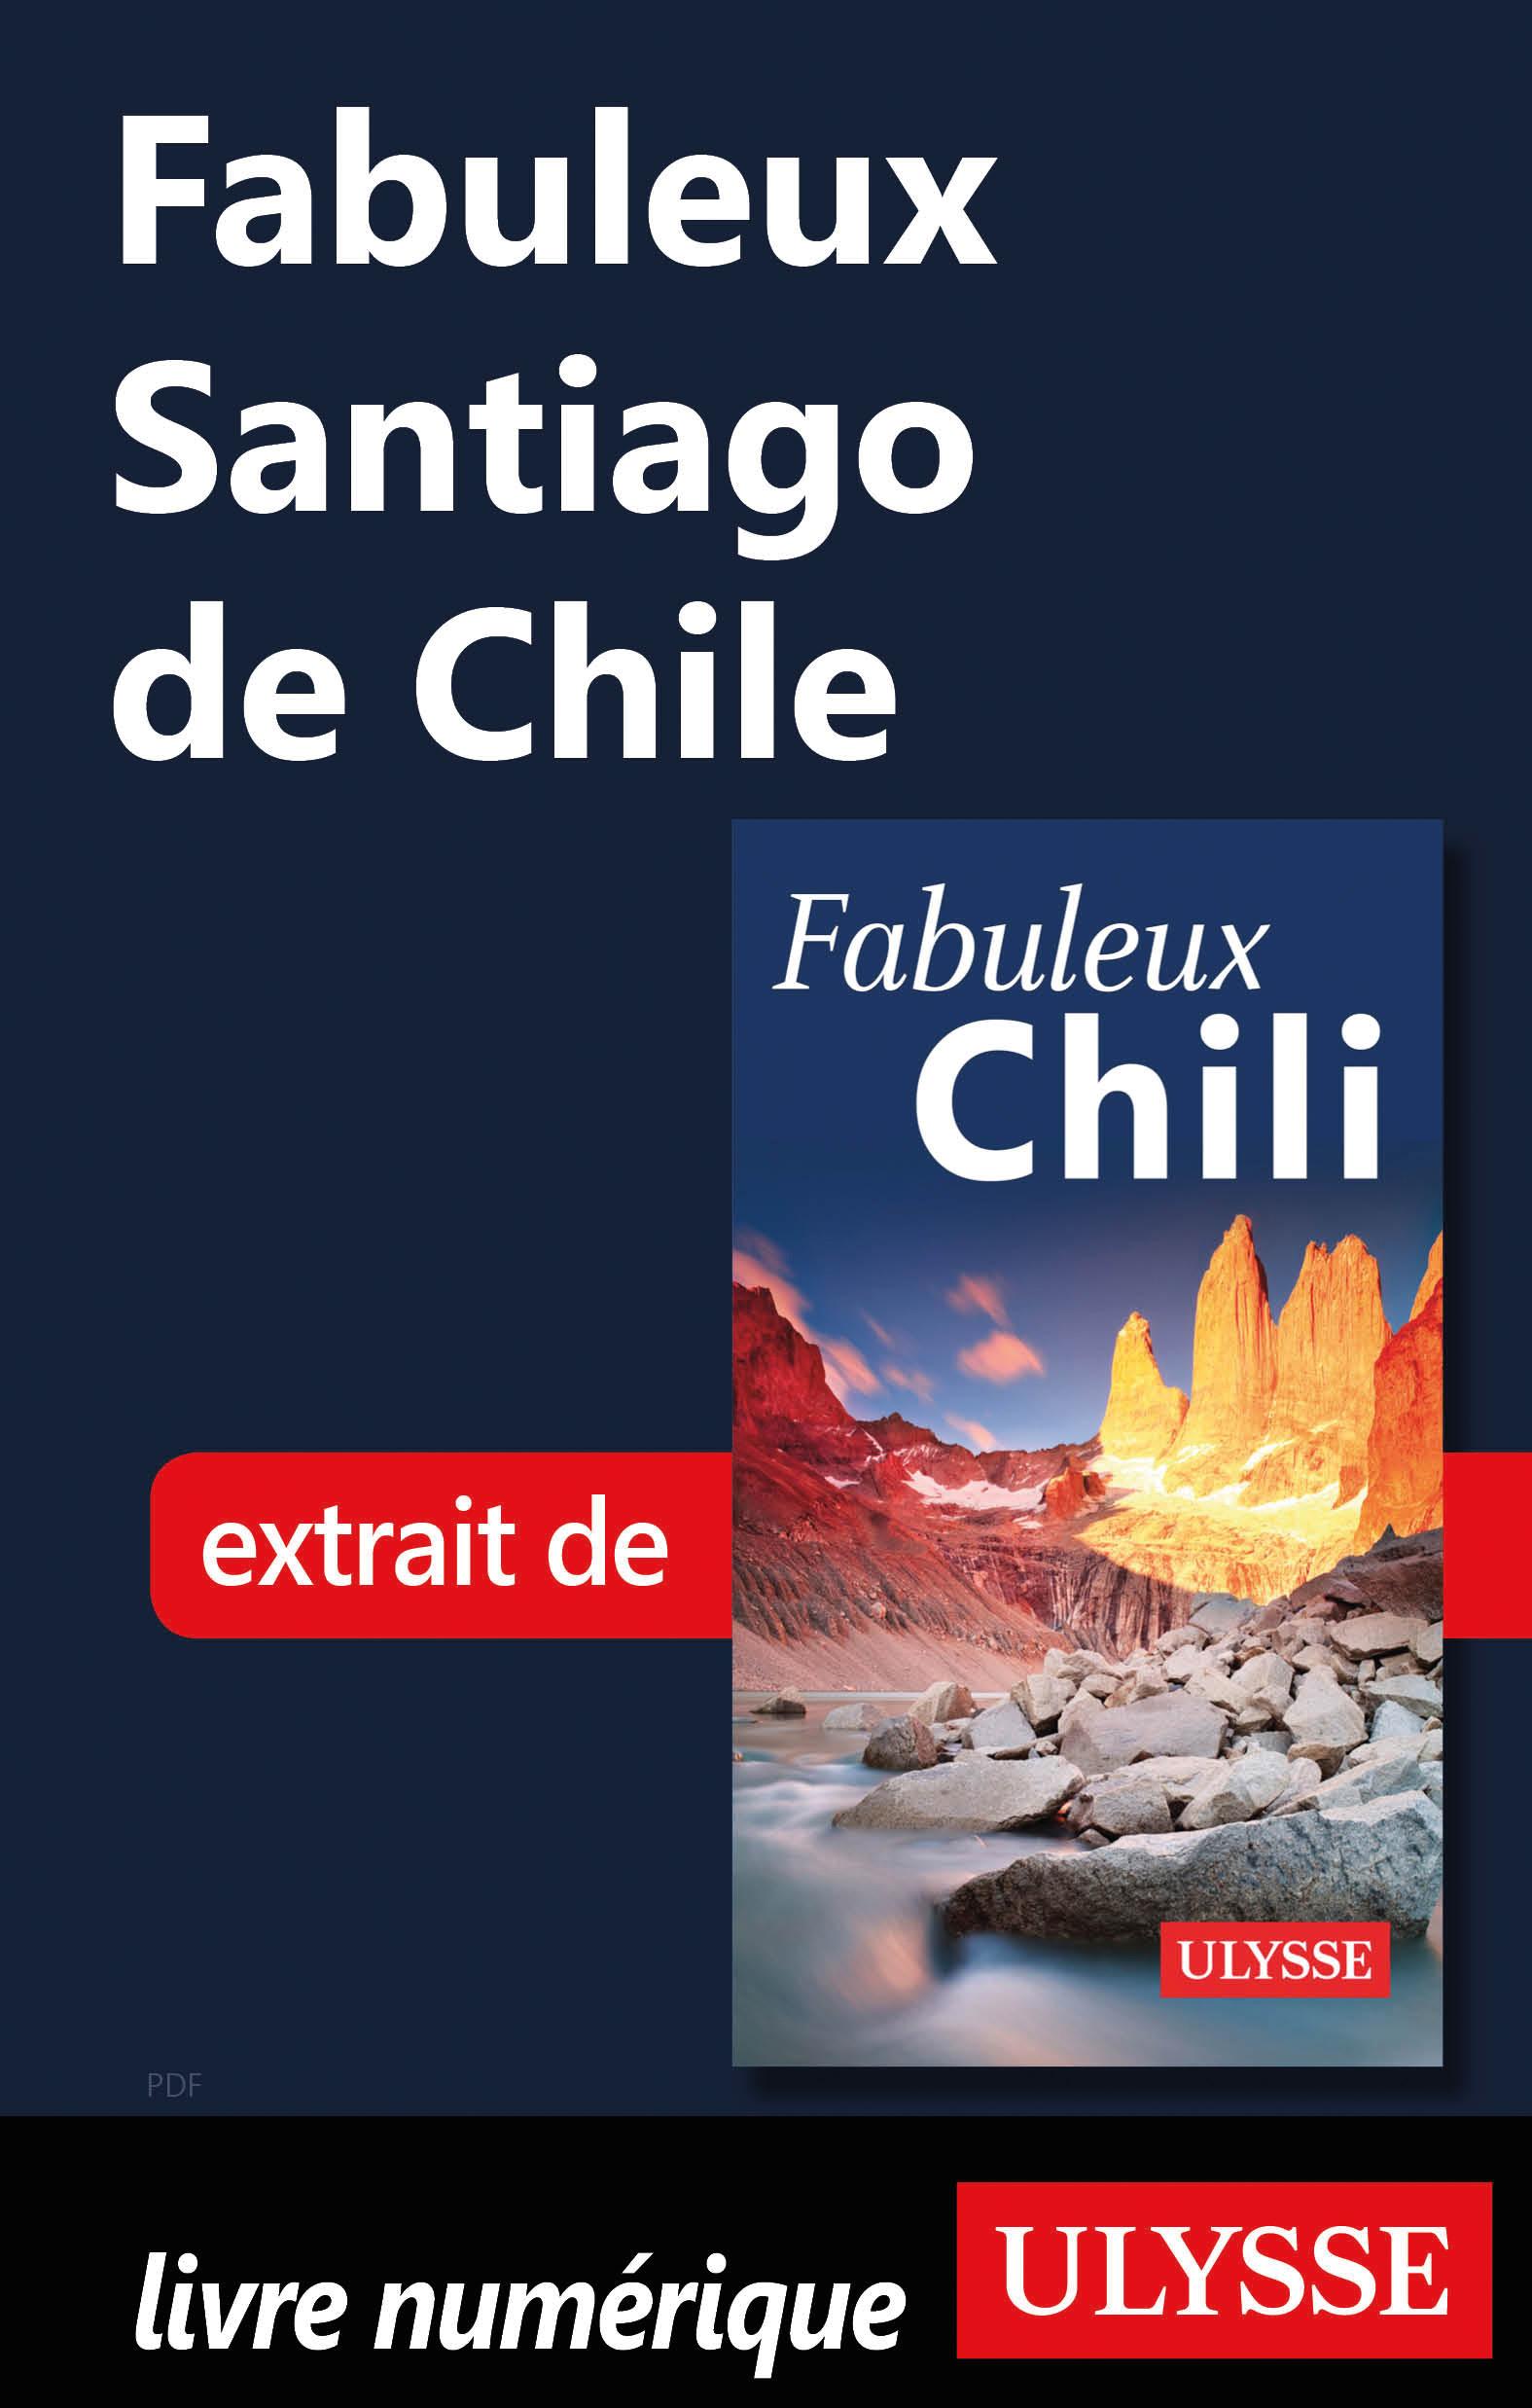 Fabuleux Santiago de Chile